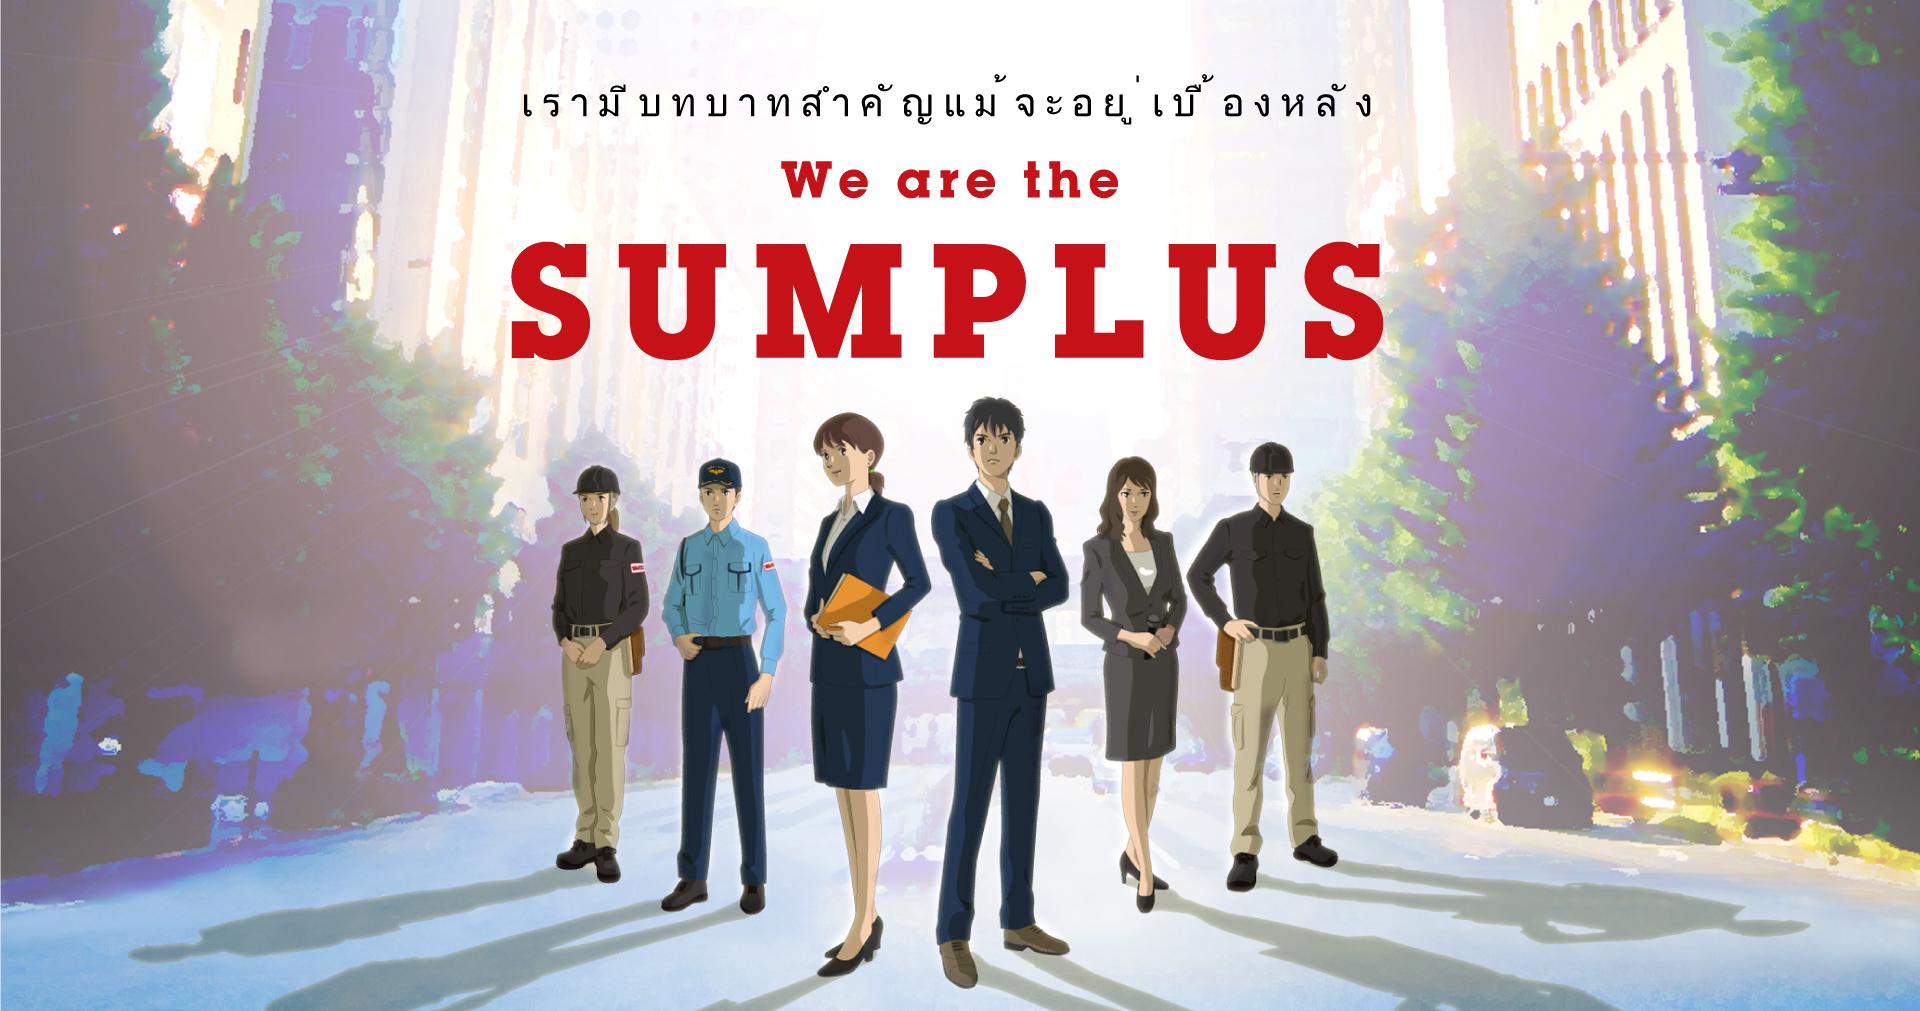 เรามีบทบาทสำคัญแม้จะอยู่เบื้องหลัง We are the SUMPLUS